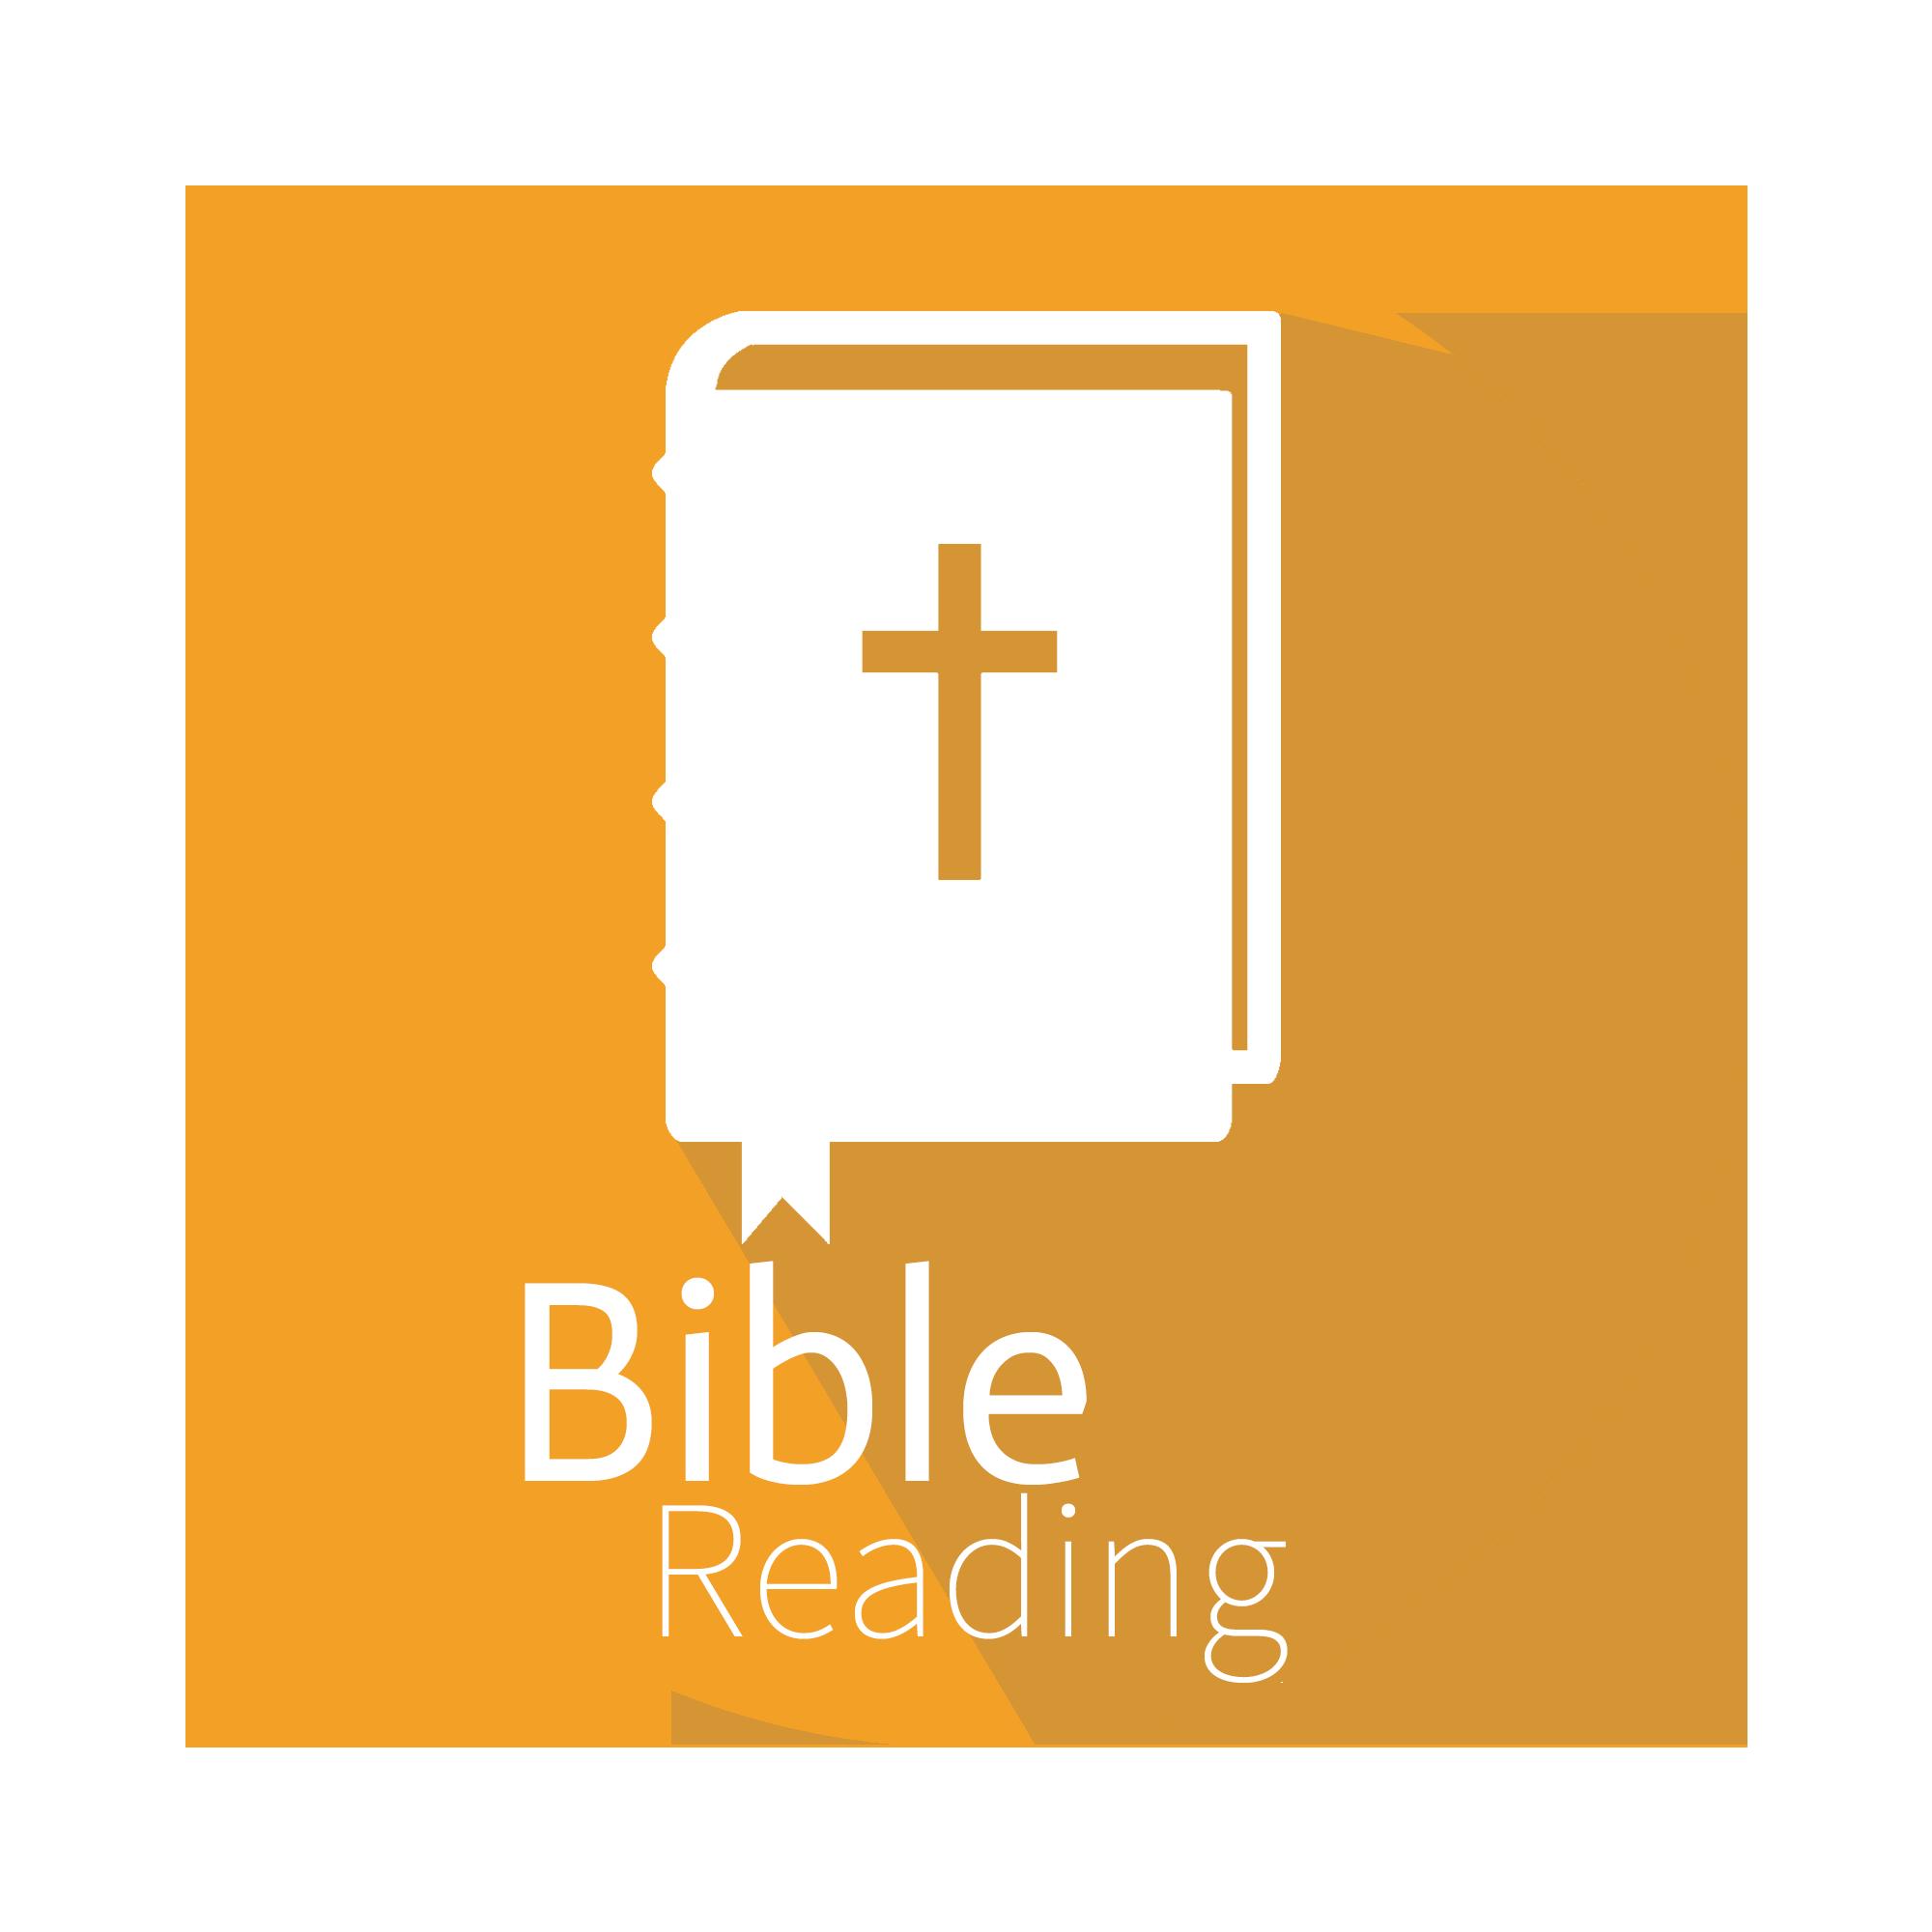 BibleReading.png